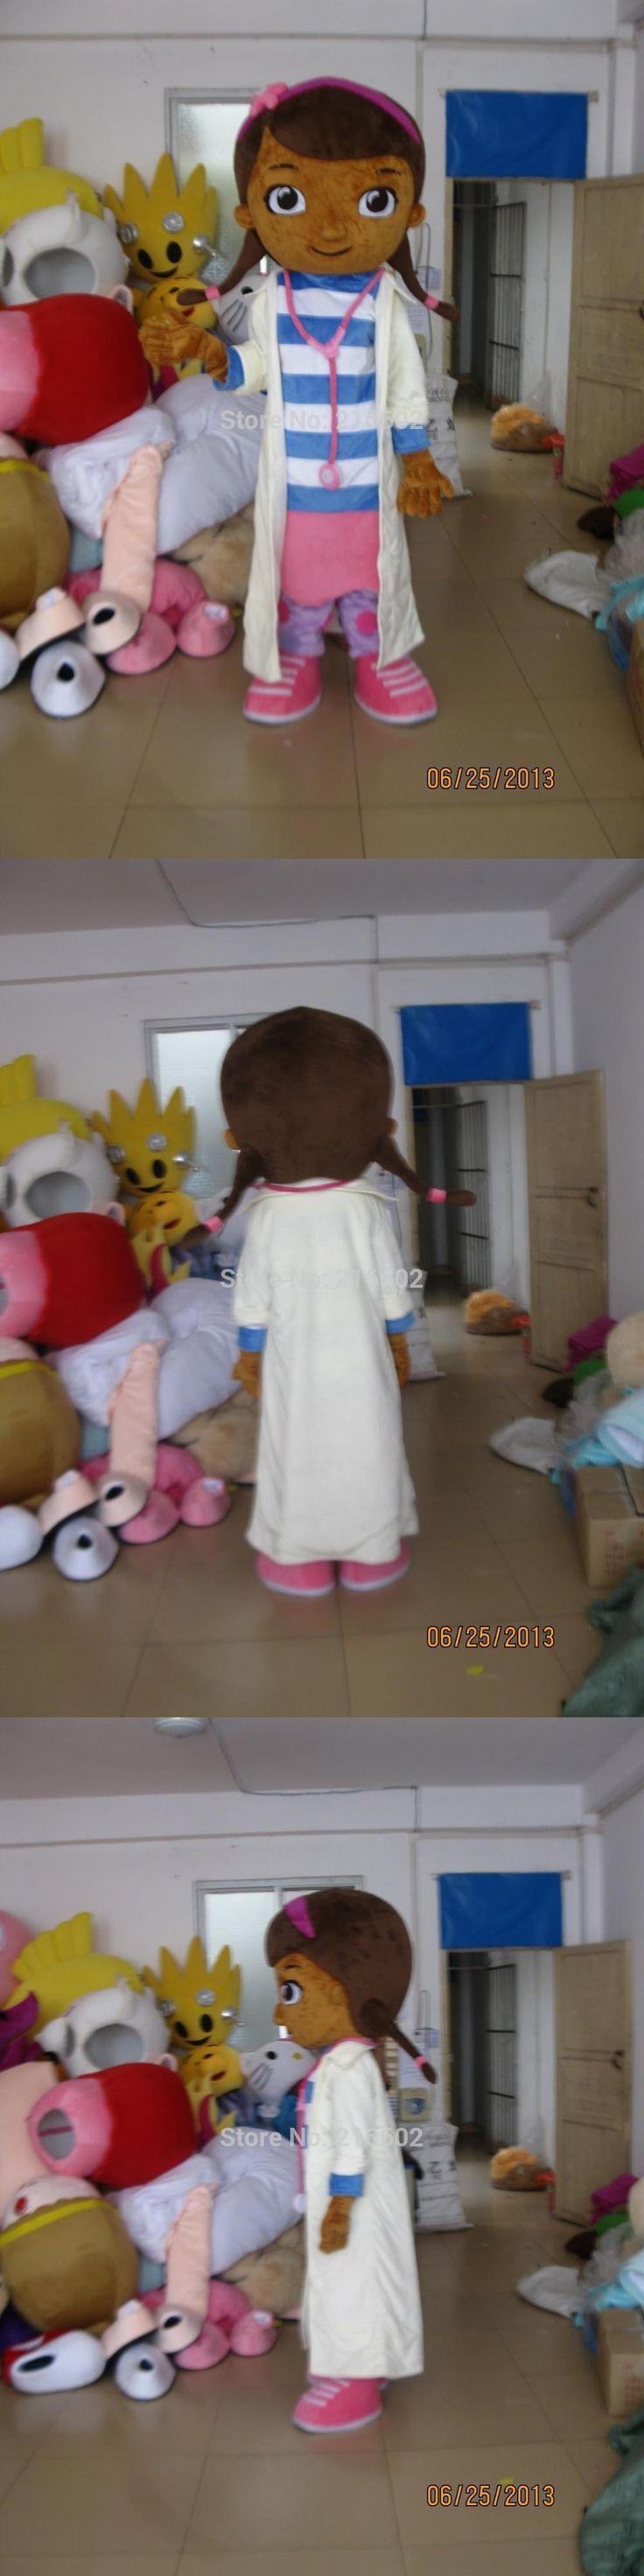 Doc McStuffins mascot costume McStuffins adult size mascot costume Doc McStuffins mascot costume